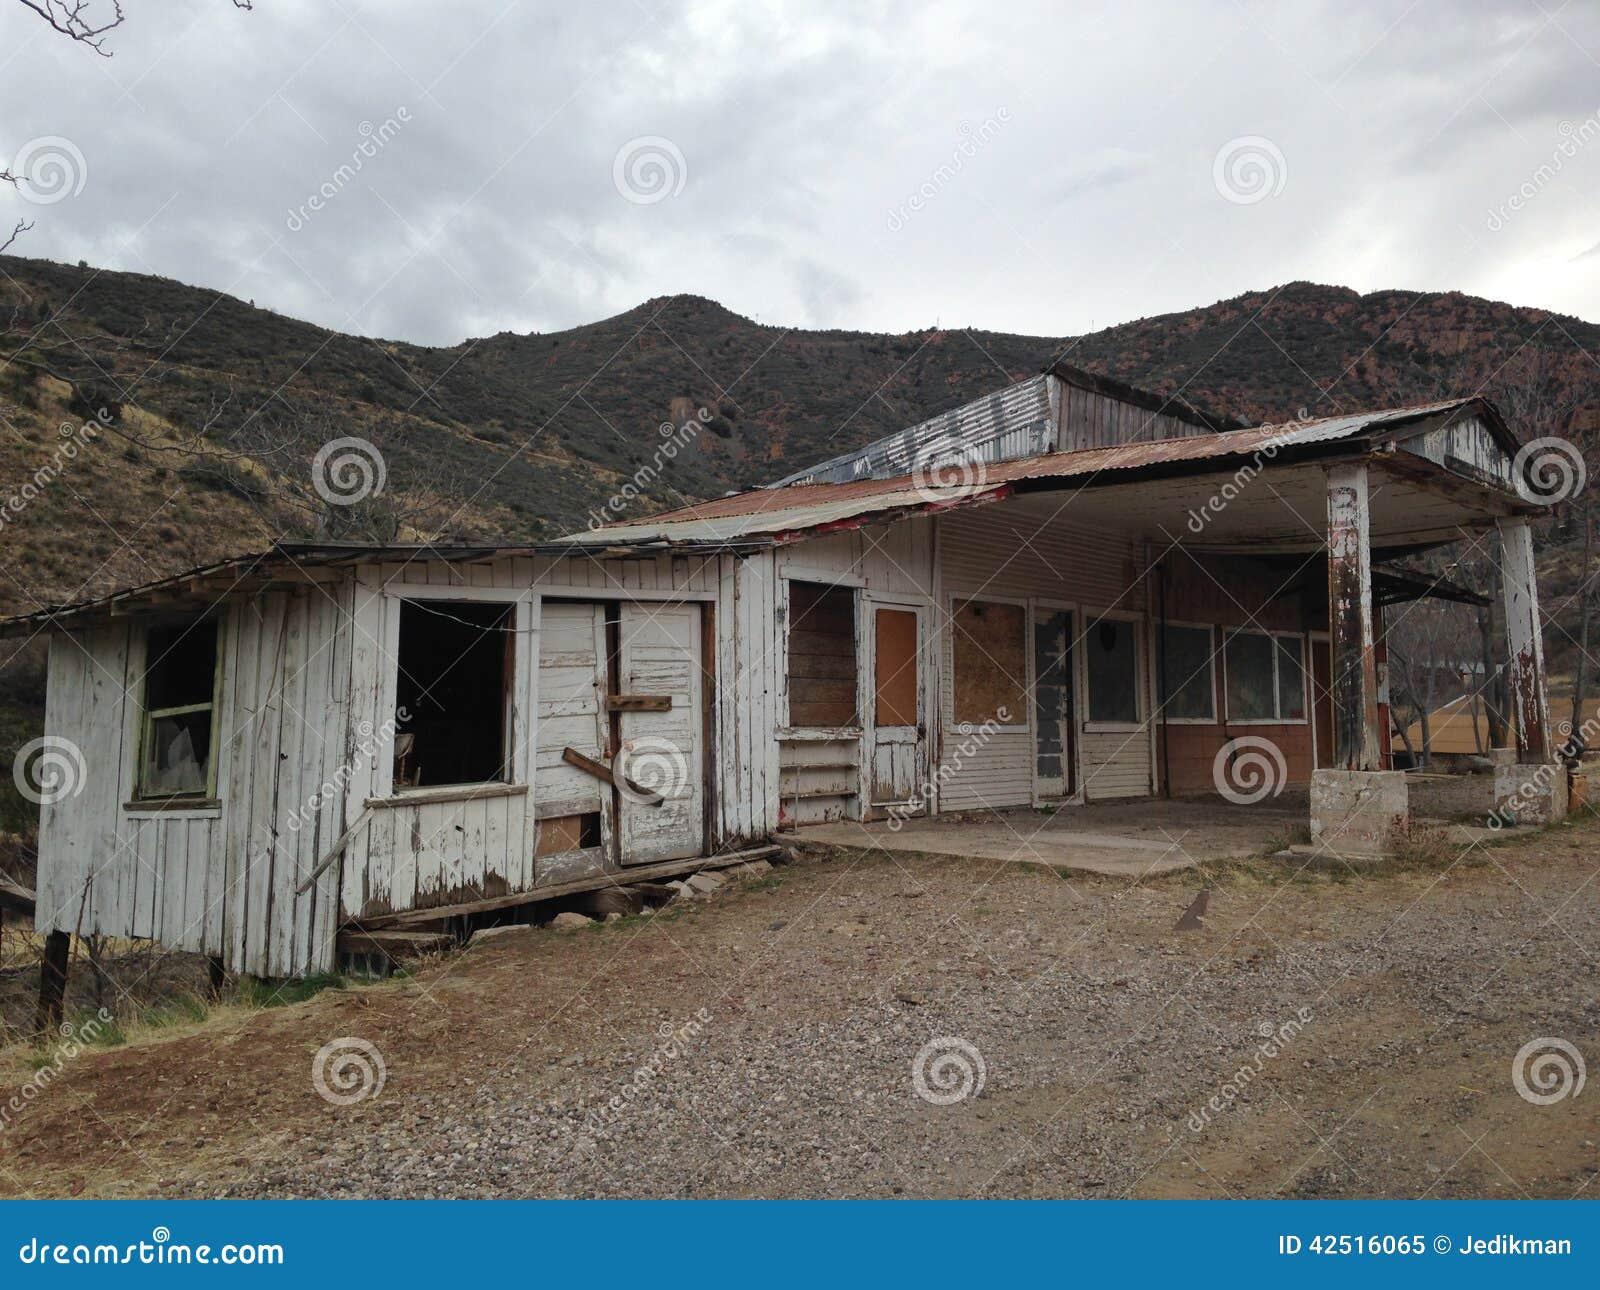 Abandoned House In Jerome, Arizona Stock Image - Image ...